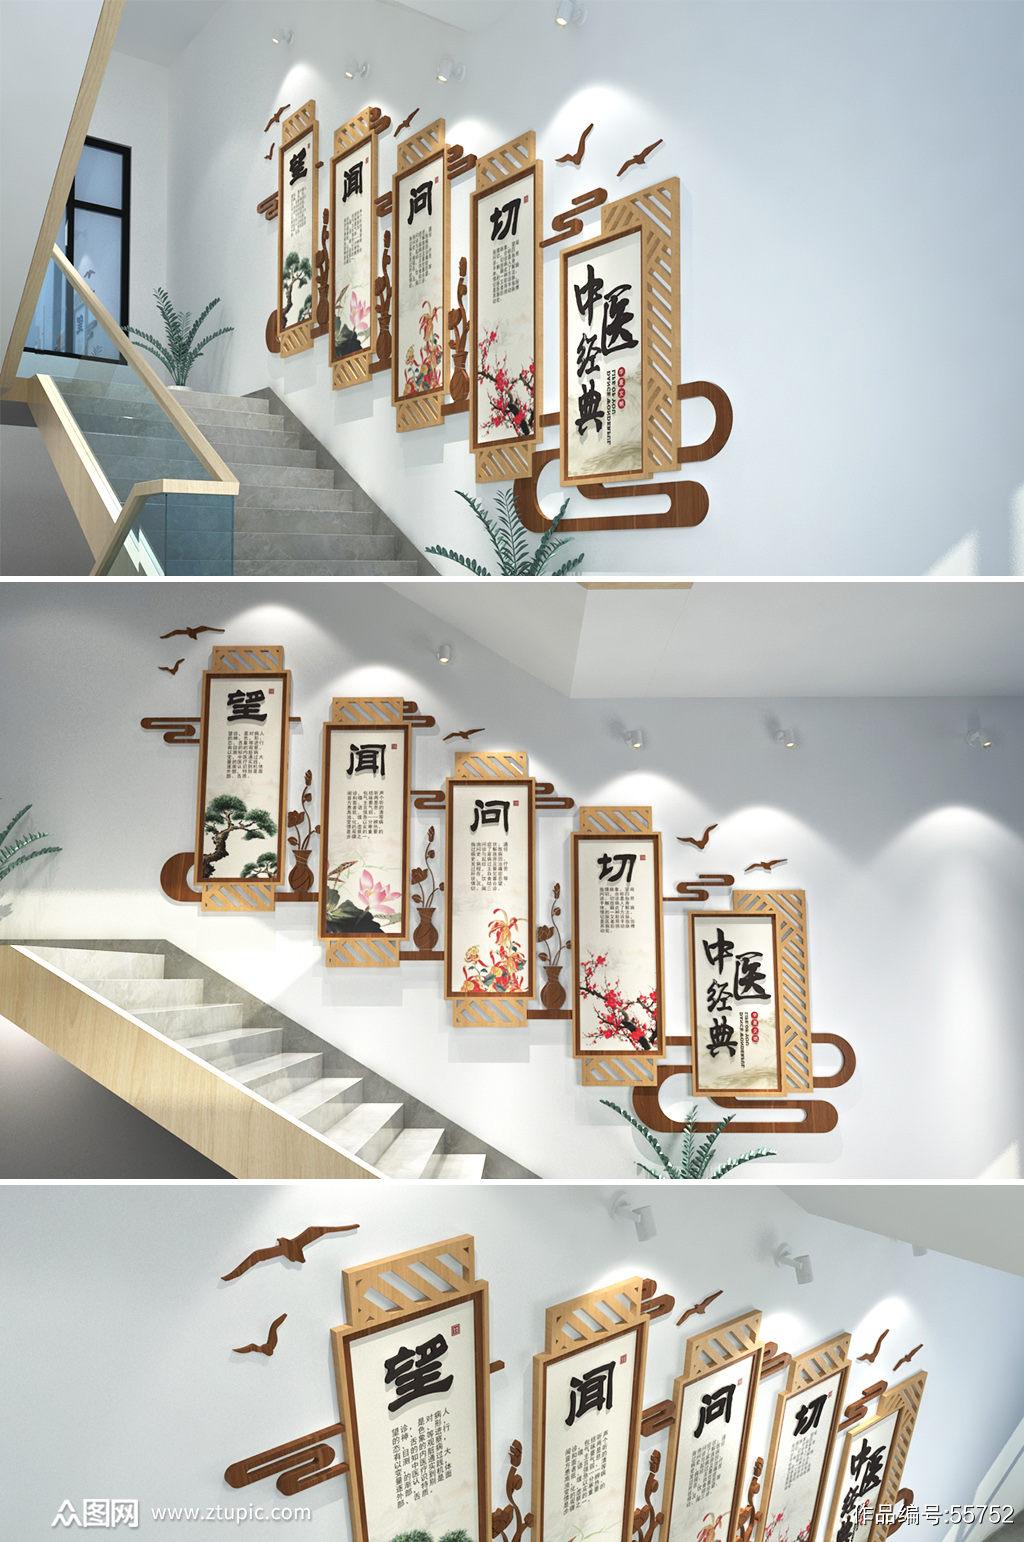 中医经典医院诊所 楼梯文化墙创意设计图片素材